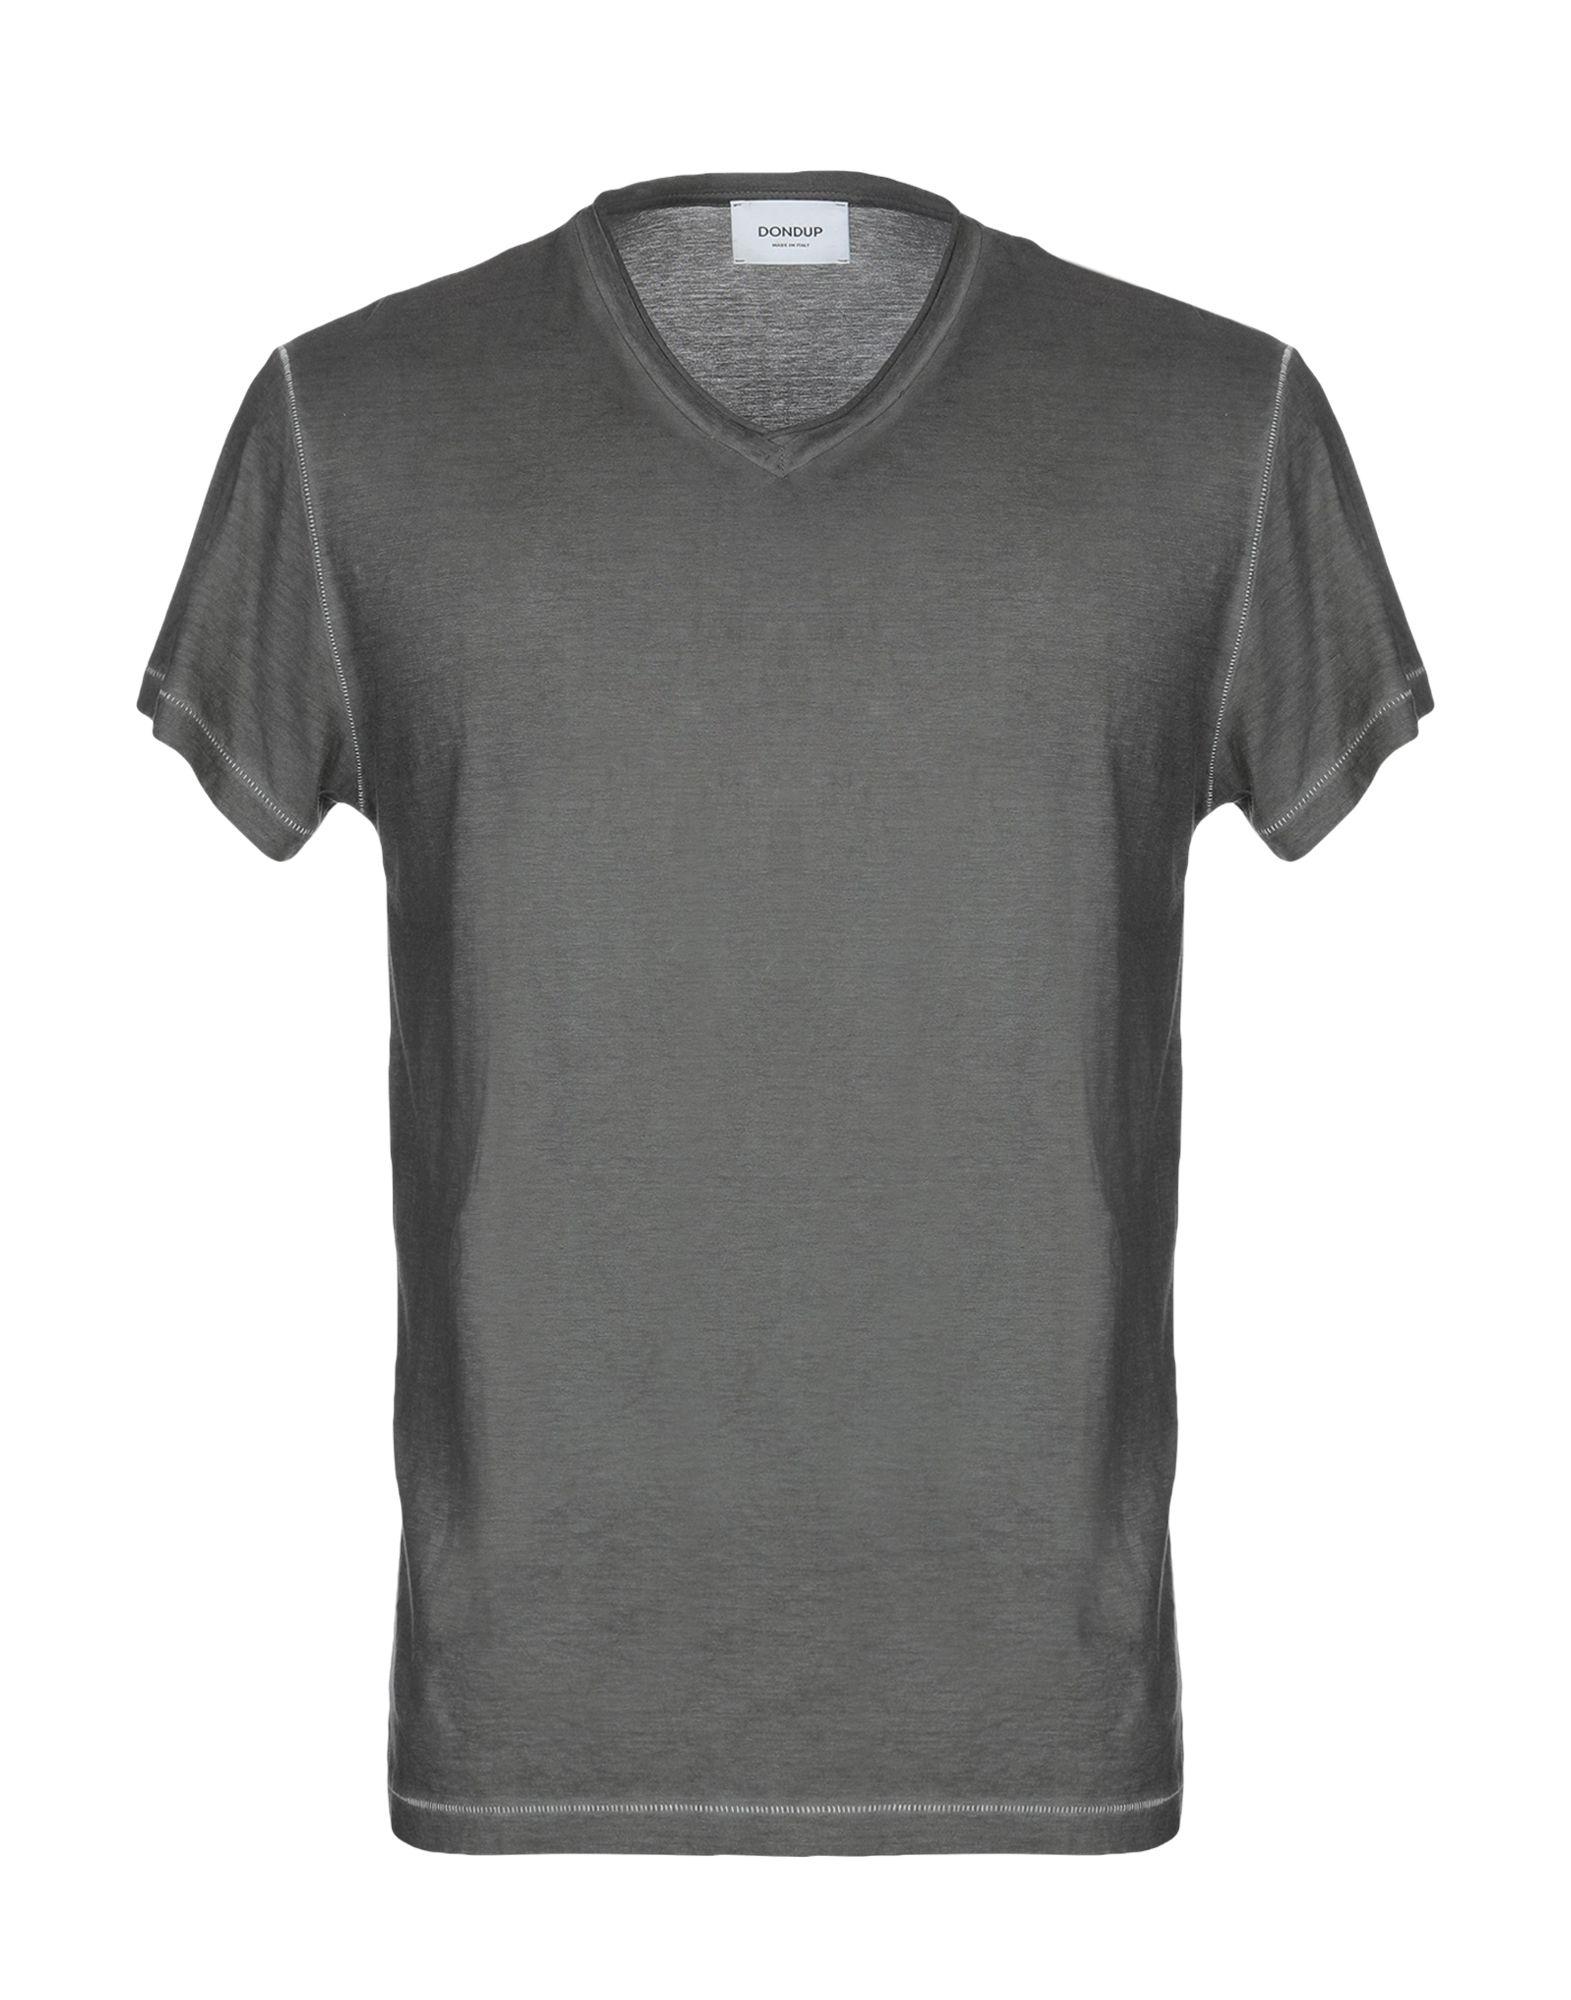 《送料無料》DONDUP メンズ T シャツ 鉛色 XXL コットン 100%